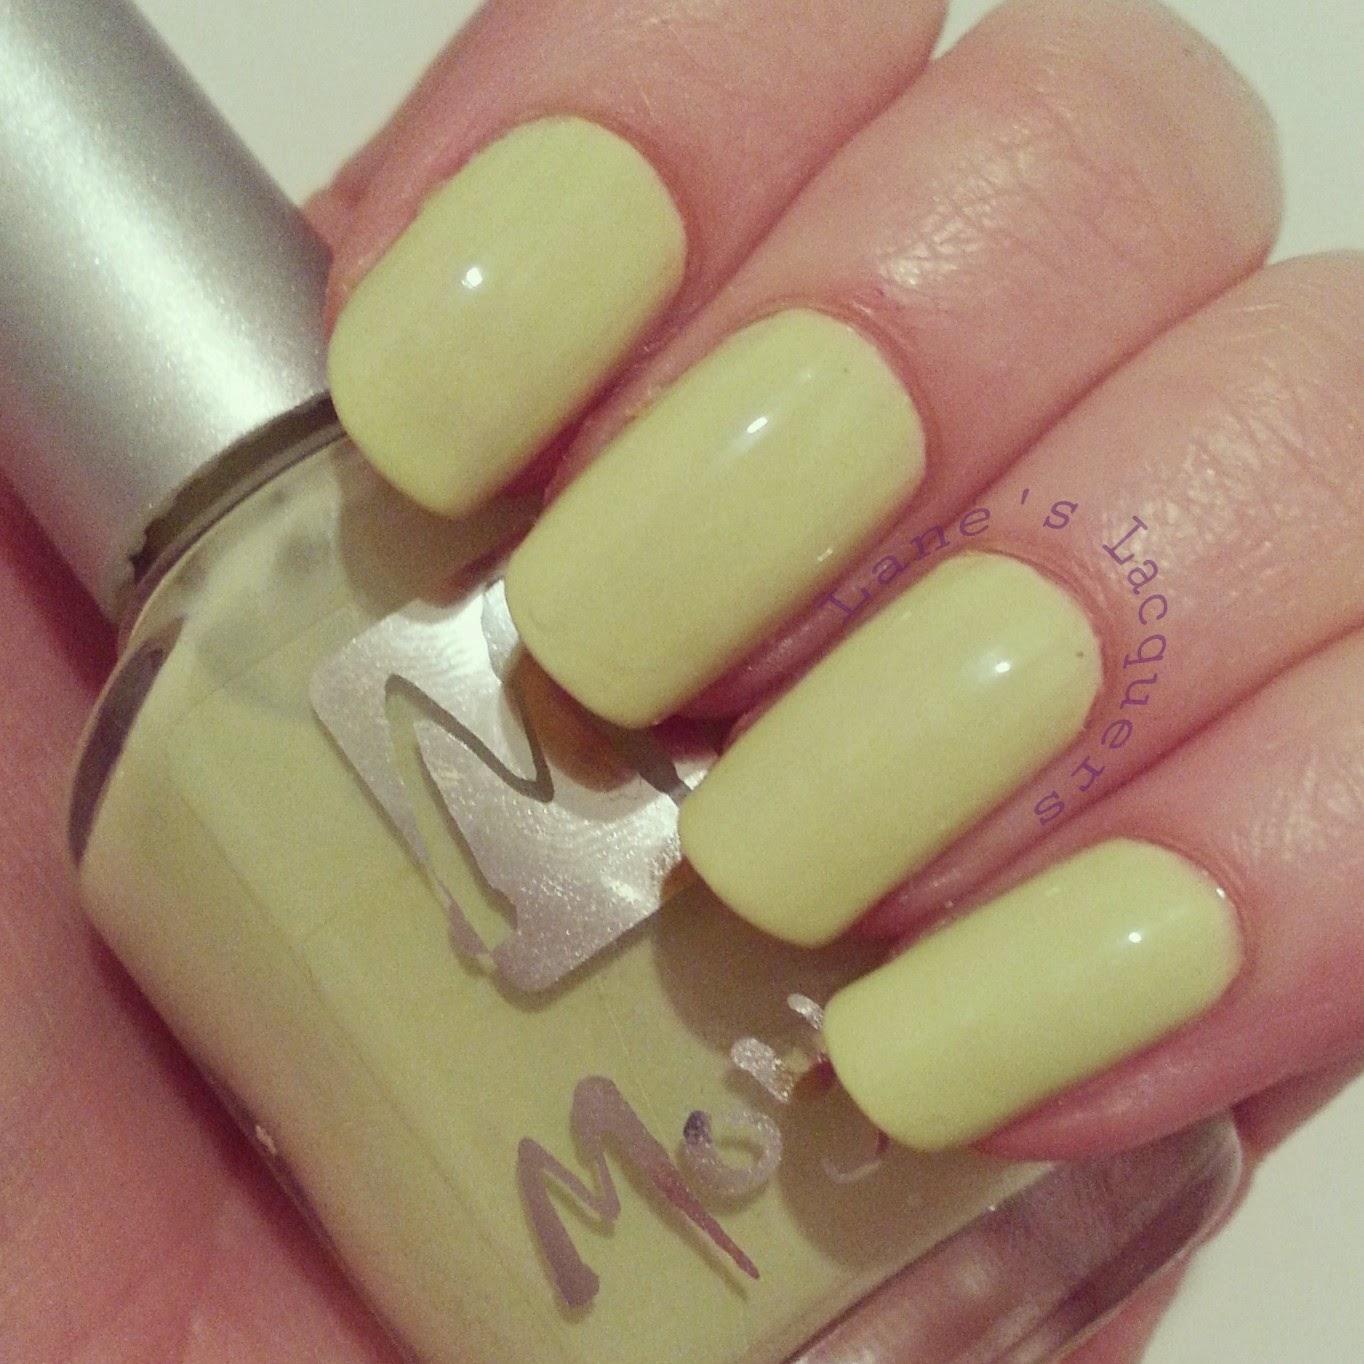 moyra-uk-no-90-swatch-nails